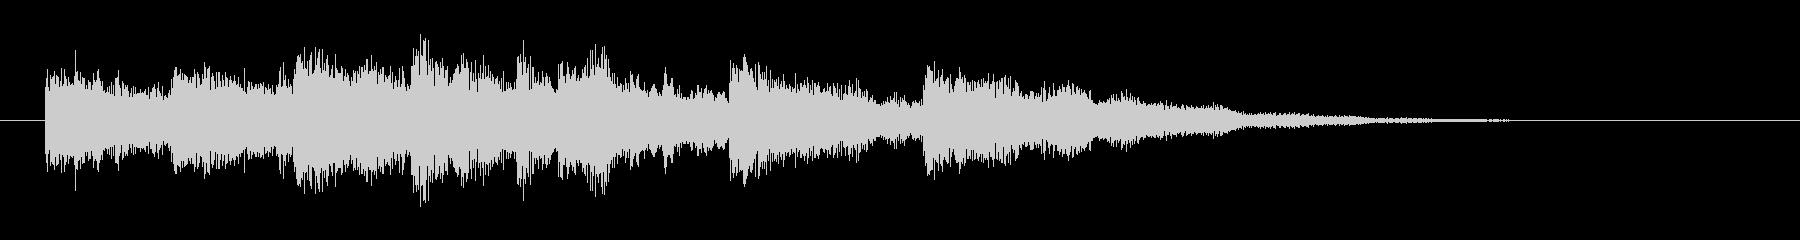 KANTアプリジングル201234の未再生の波形